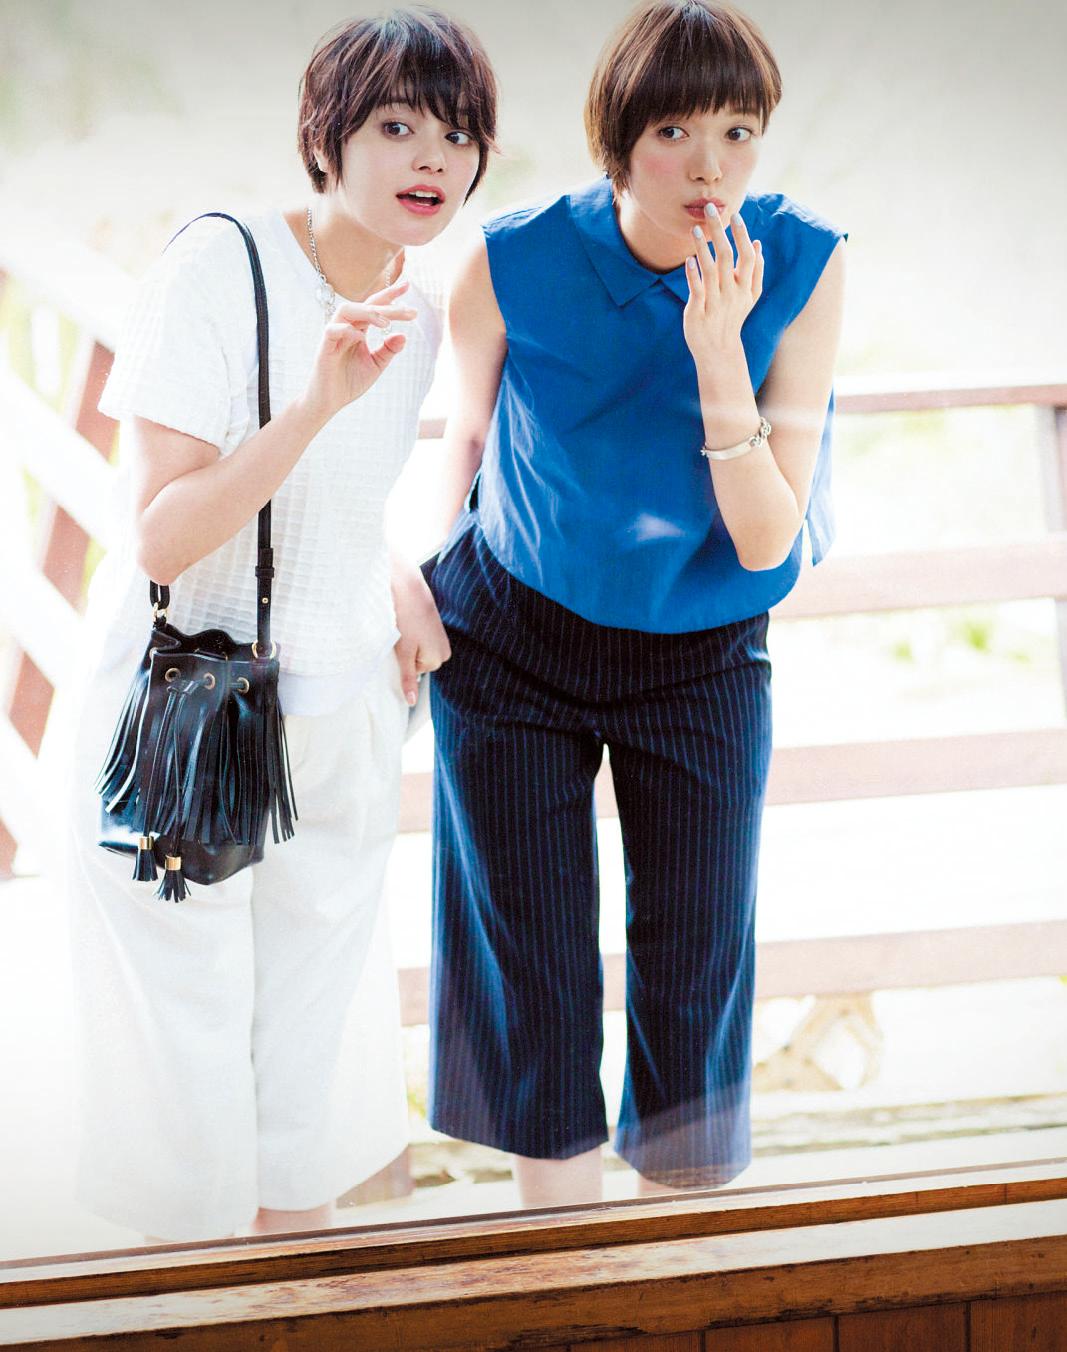 【今日のコーデ】友達とおしゃれしてショップクルーズへGO!_1